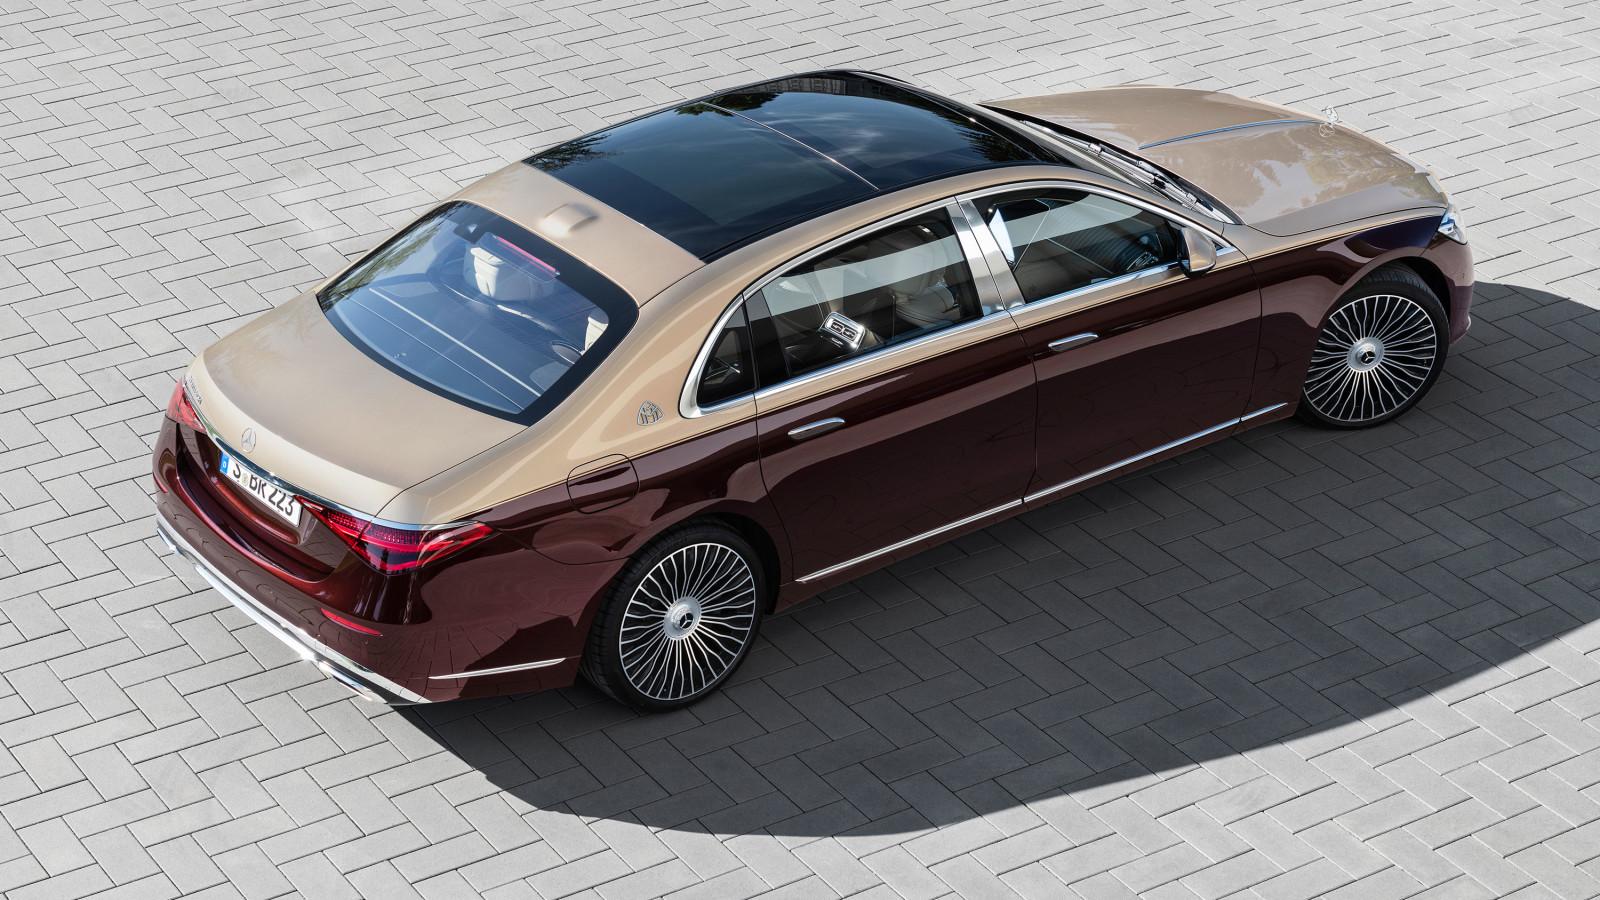 Die Mercedes-Maybach S-Klasse ist eine Luxus-Oberklassen-Limousine